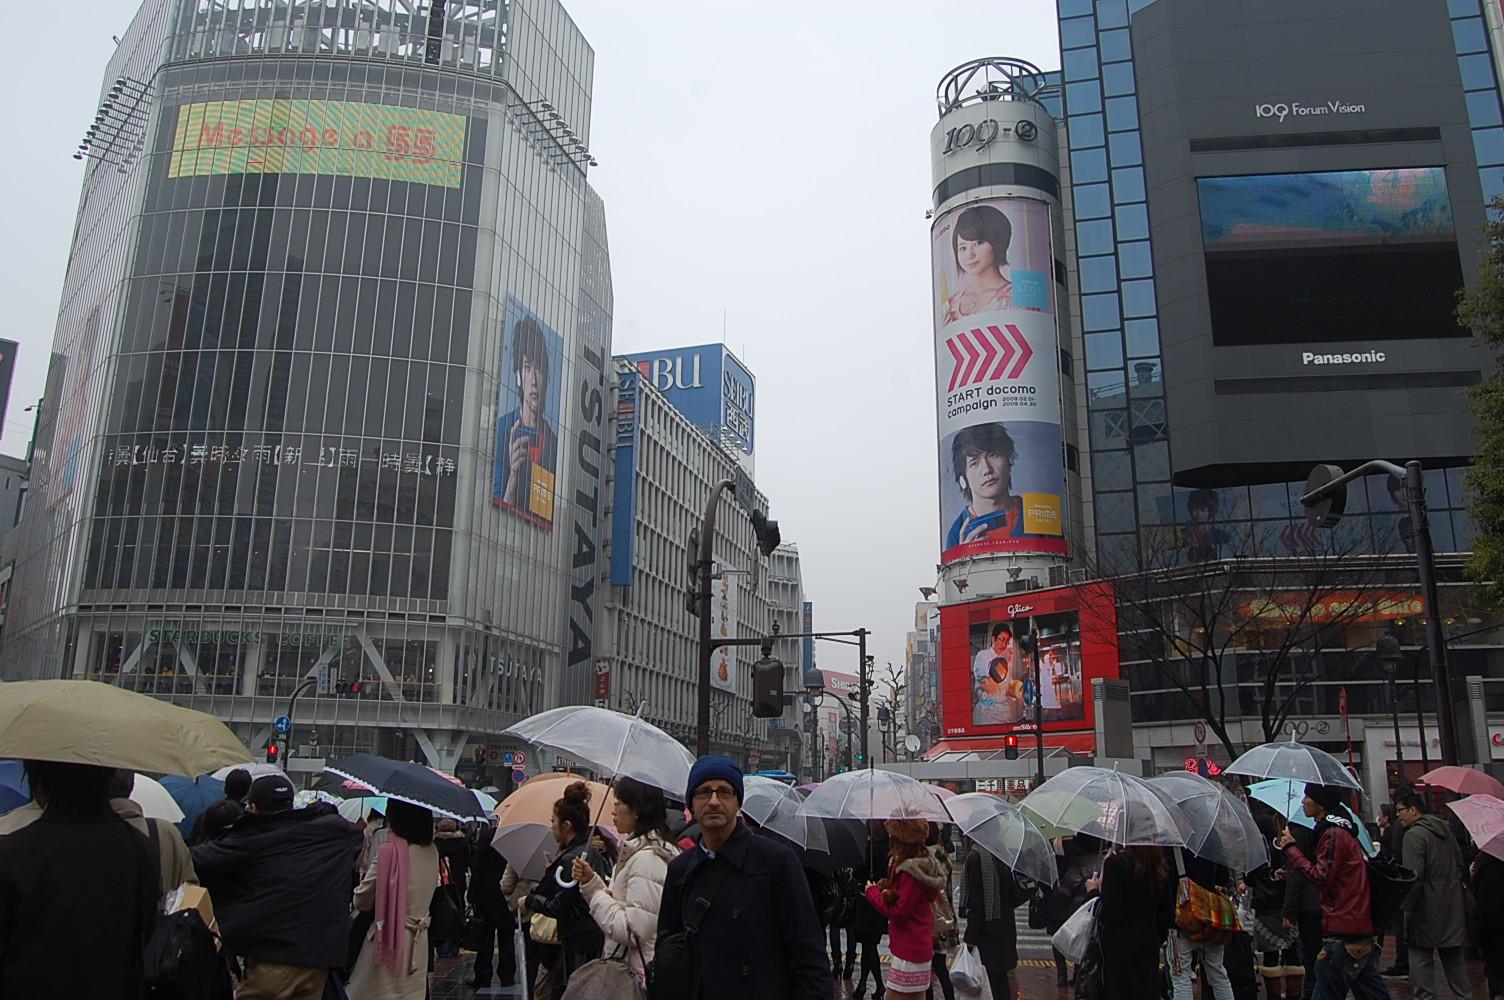 シチリア人日本滞在記 再び東京 バゥ_d0084229_20132512.jpg